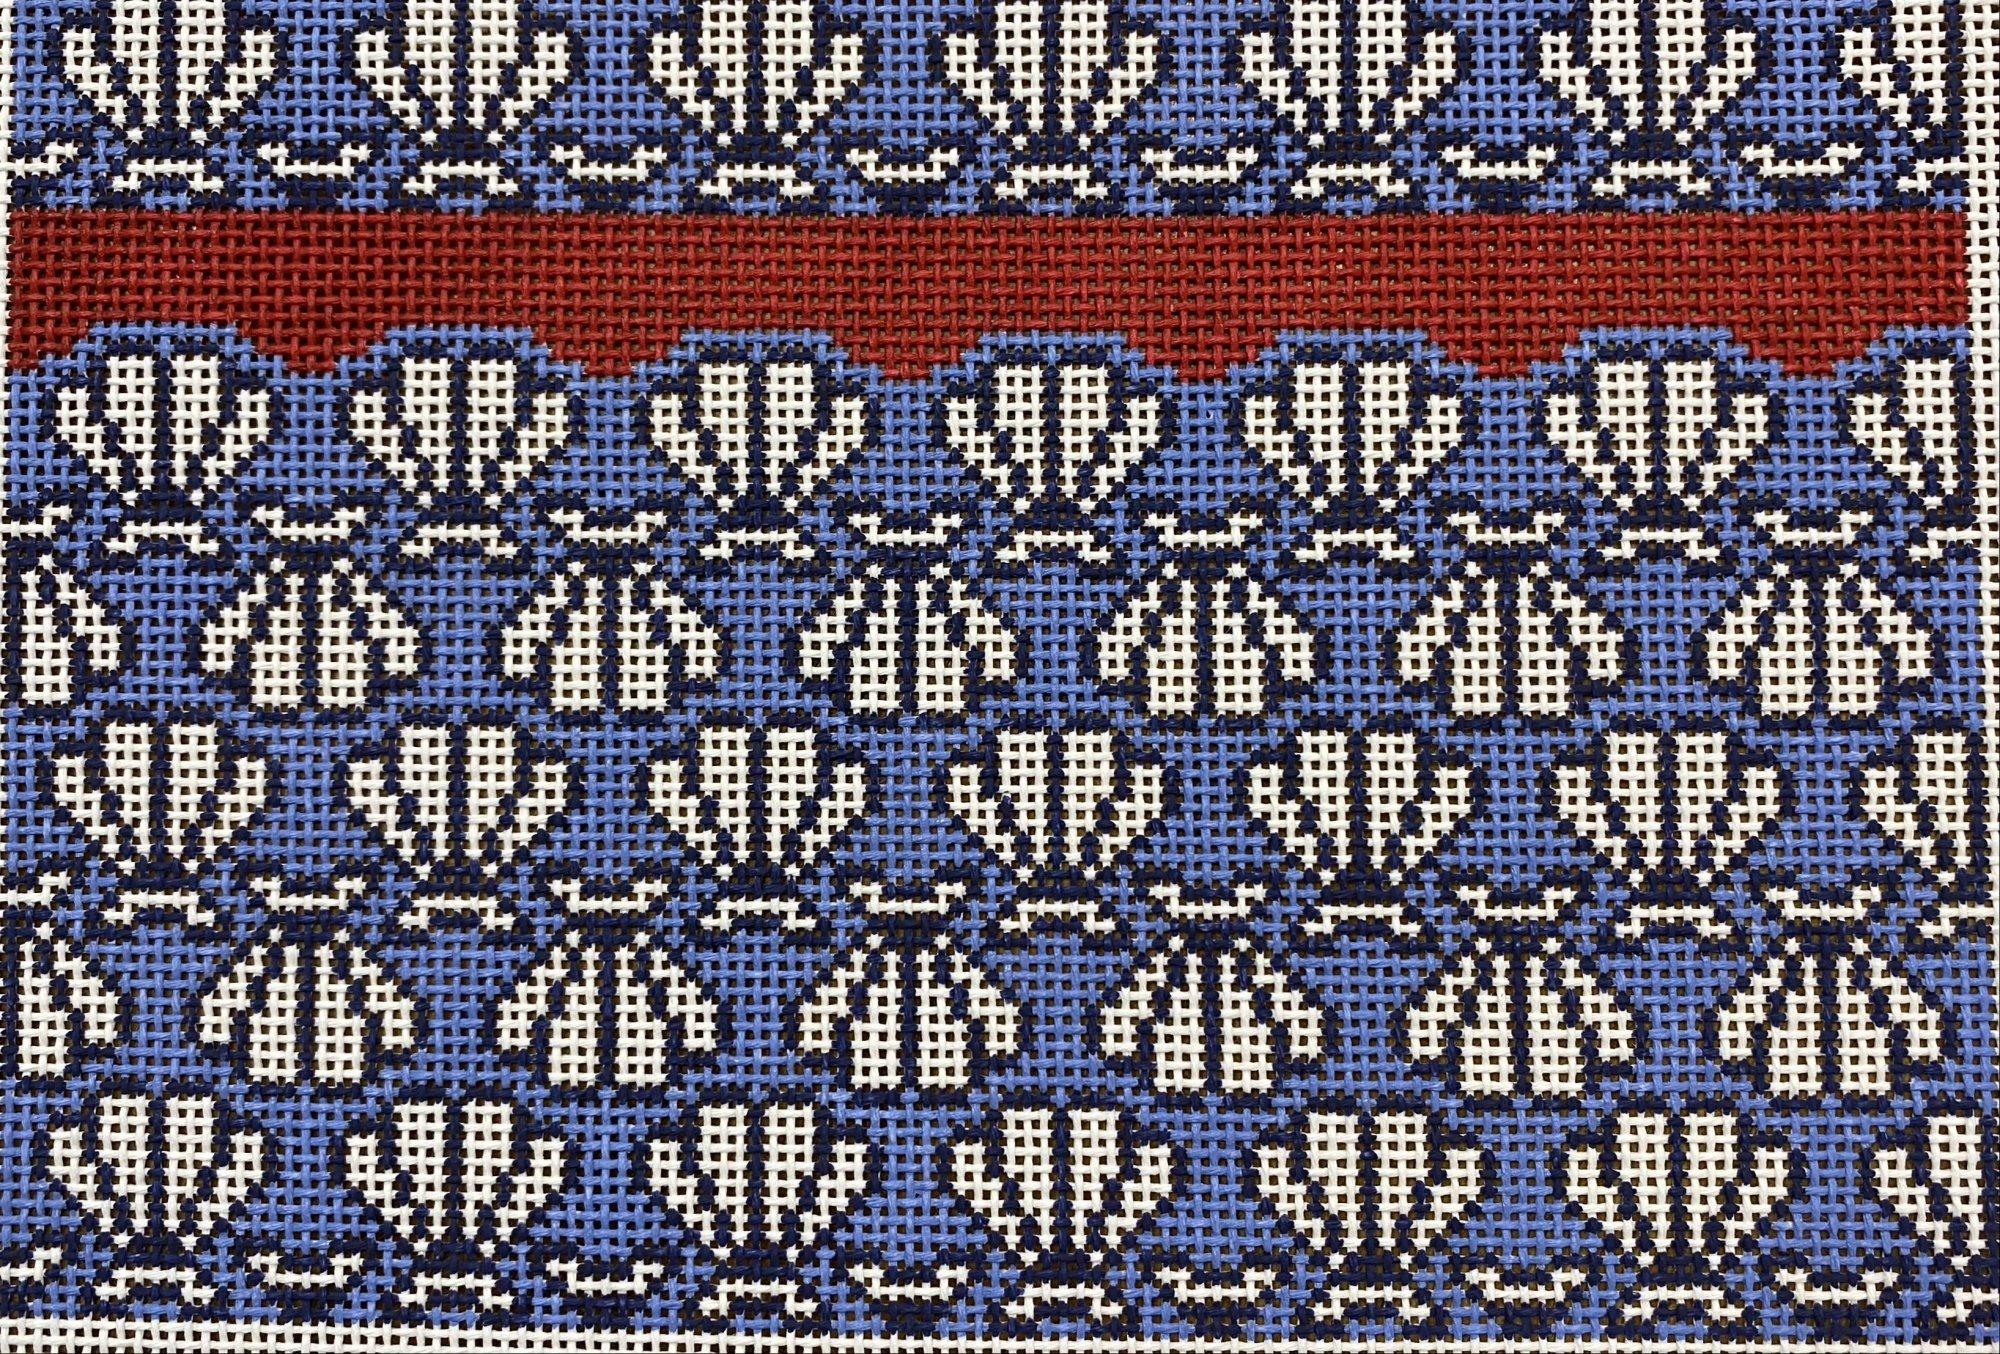 She Sells Seashells Clutch (red,white,blue)